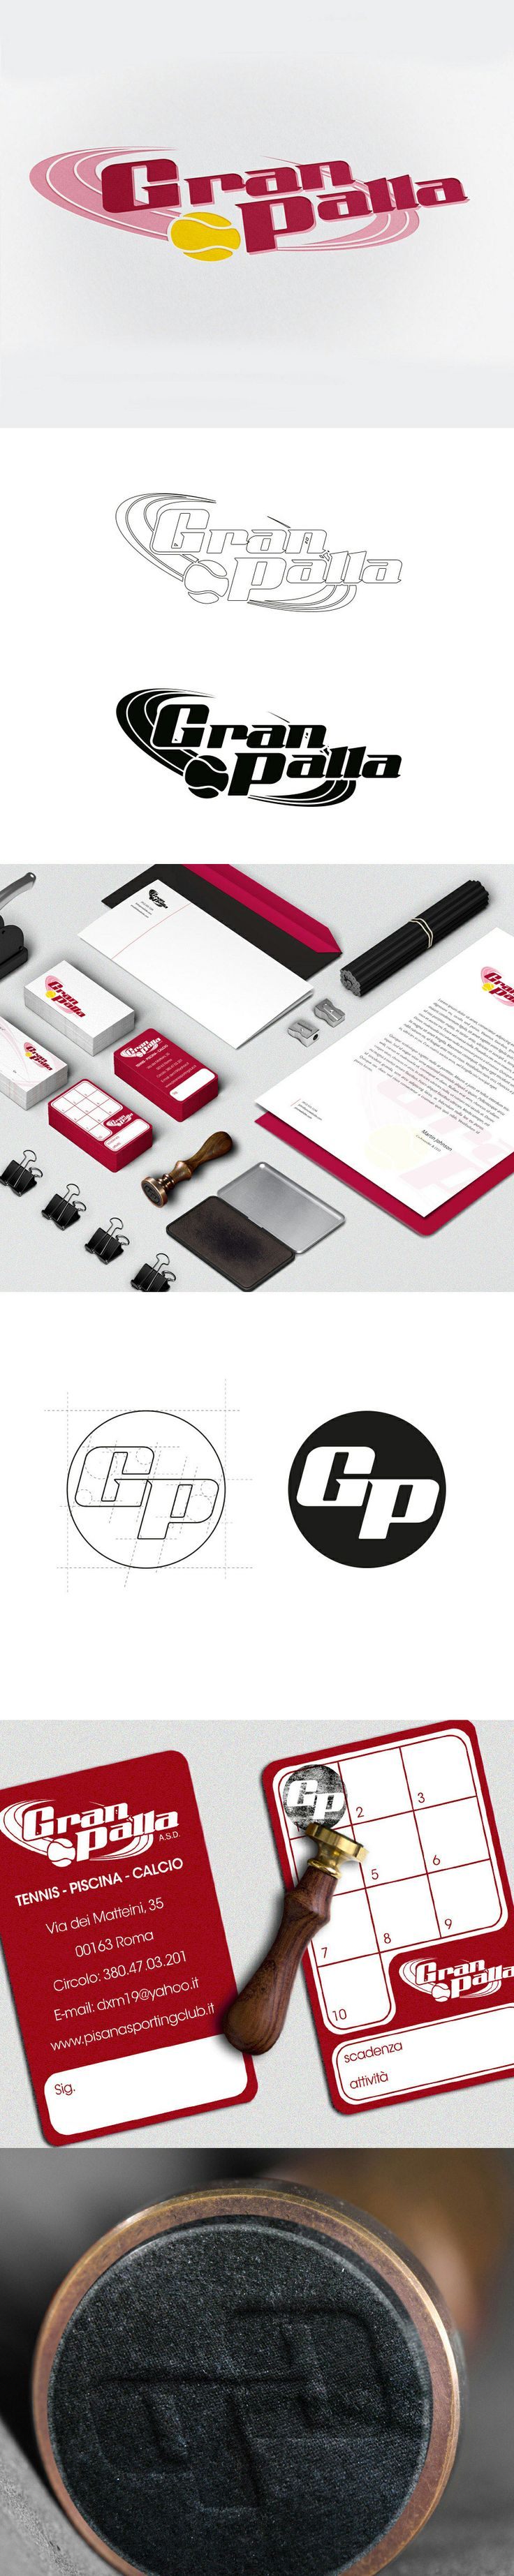 SIMONE BOI | GRAPHIC DESIGNER Logo GranPalla www.simoneboi.it